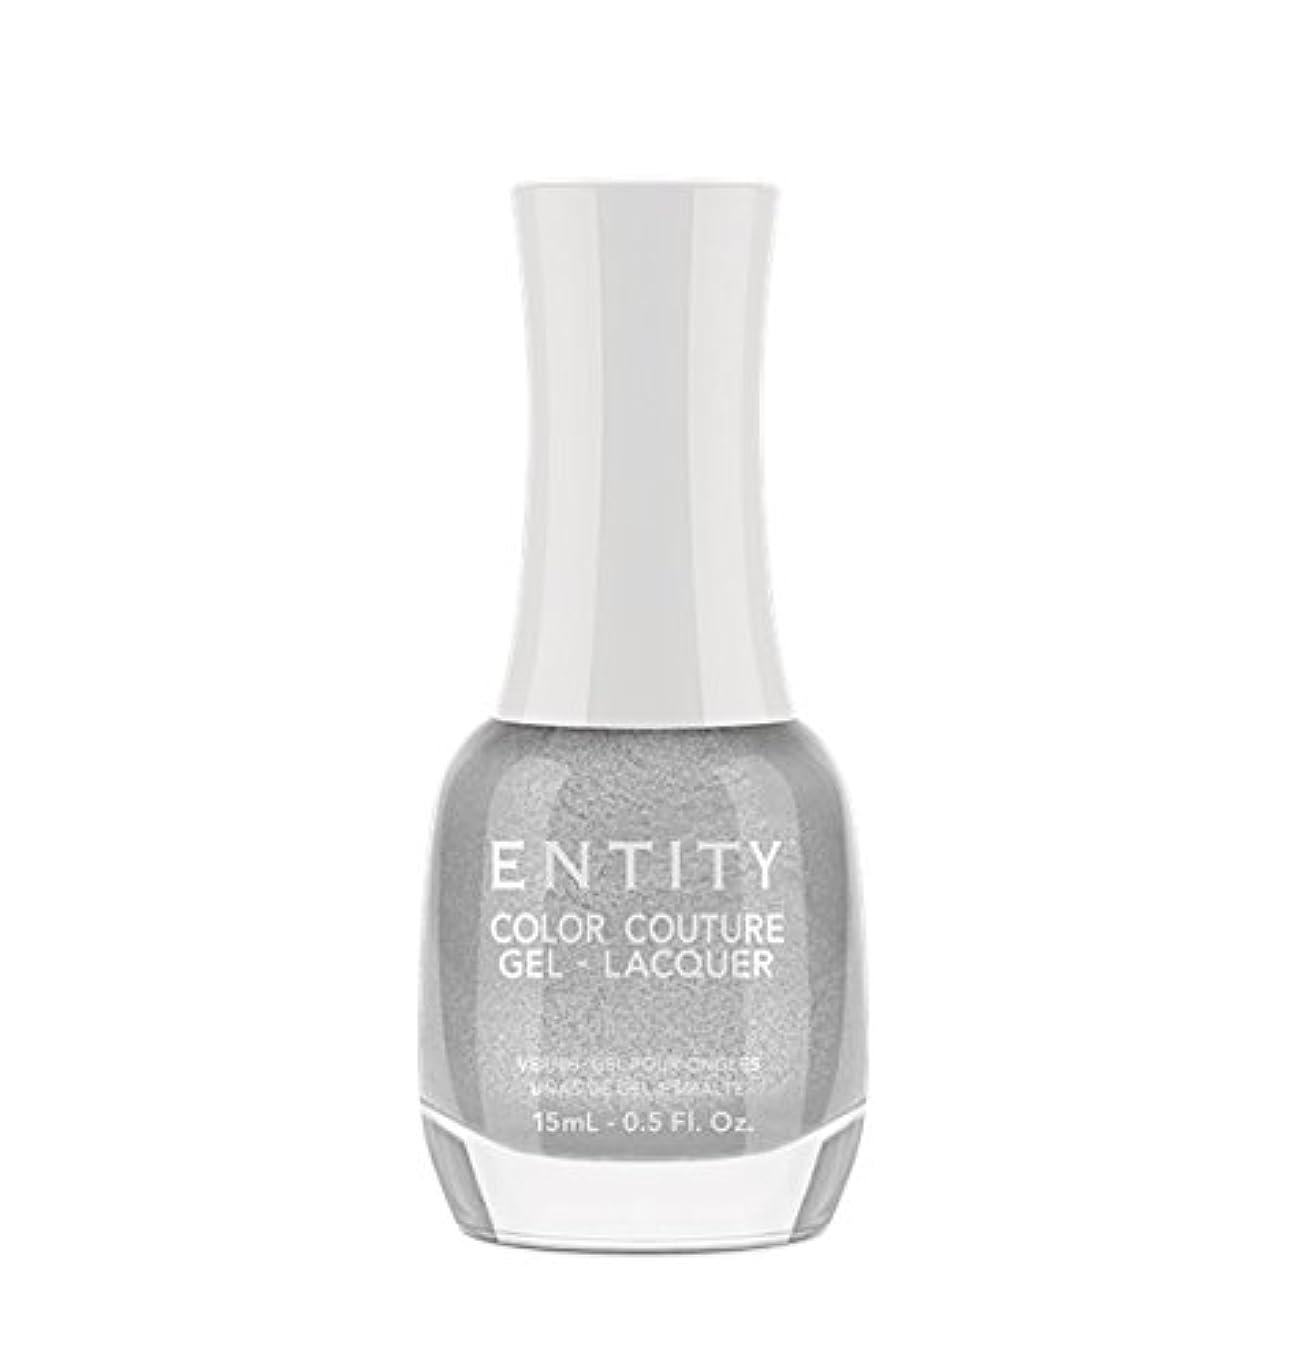 居眠りするシーンオフェンスEntity Color Couture Gel-Lacquer - Contemporary Couture - 15 ml/0.5 oz